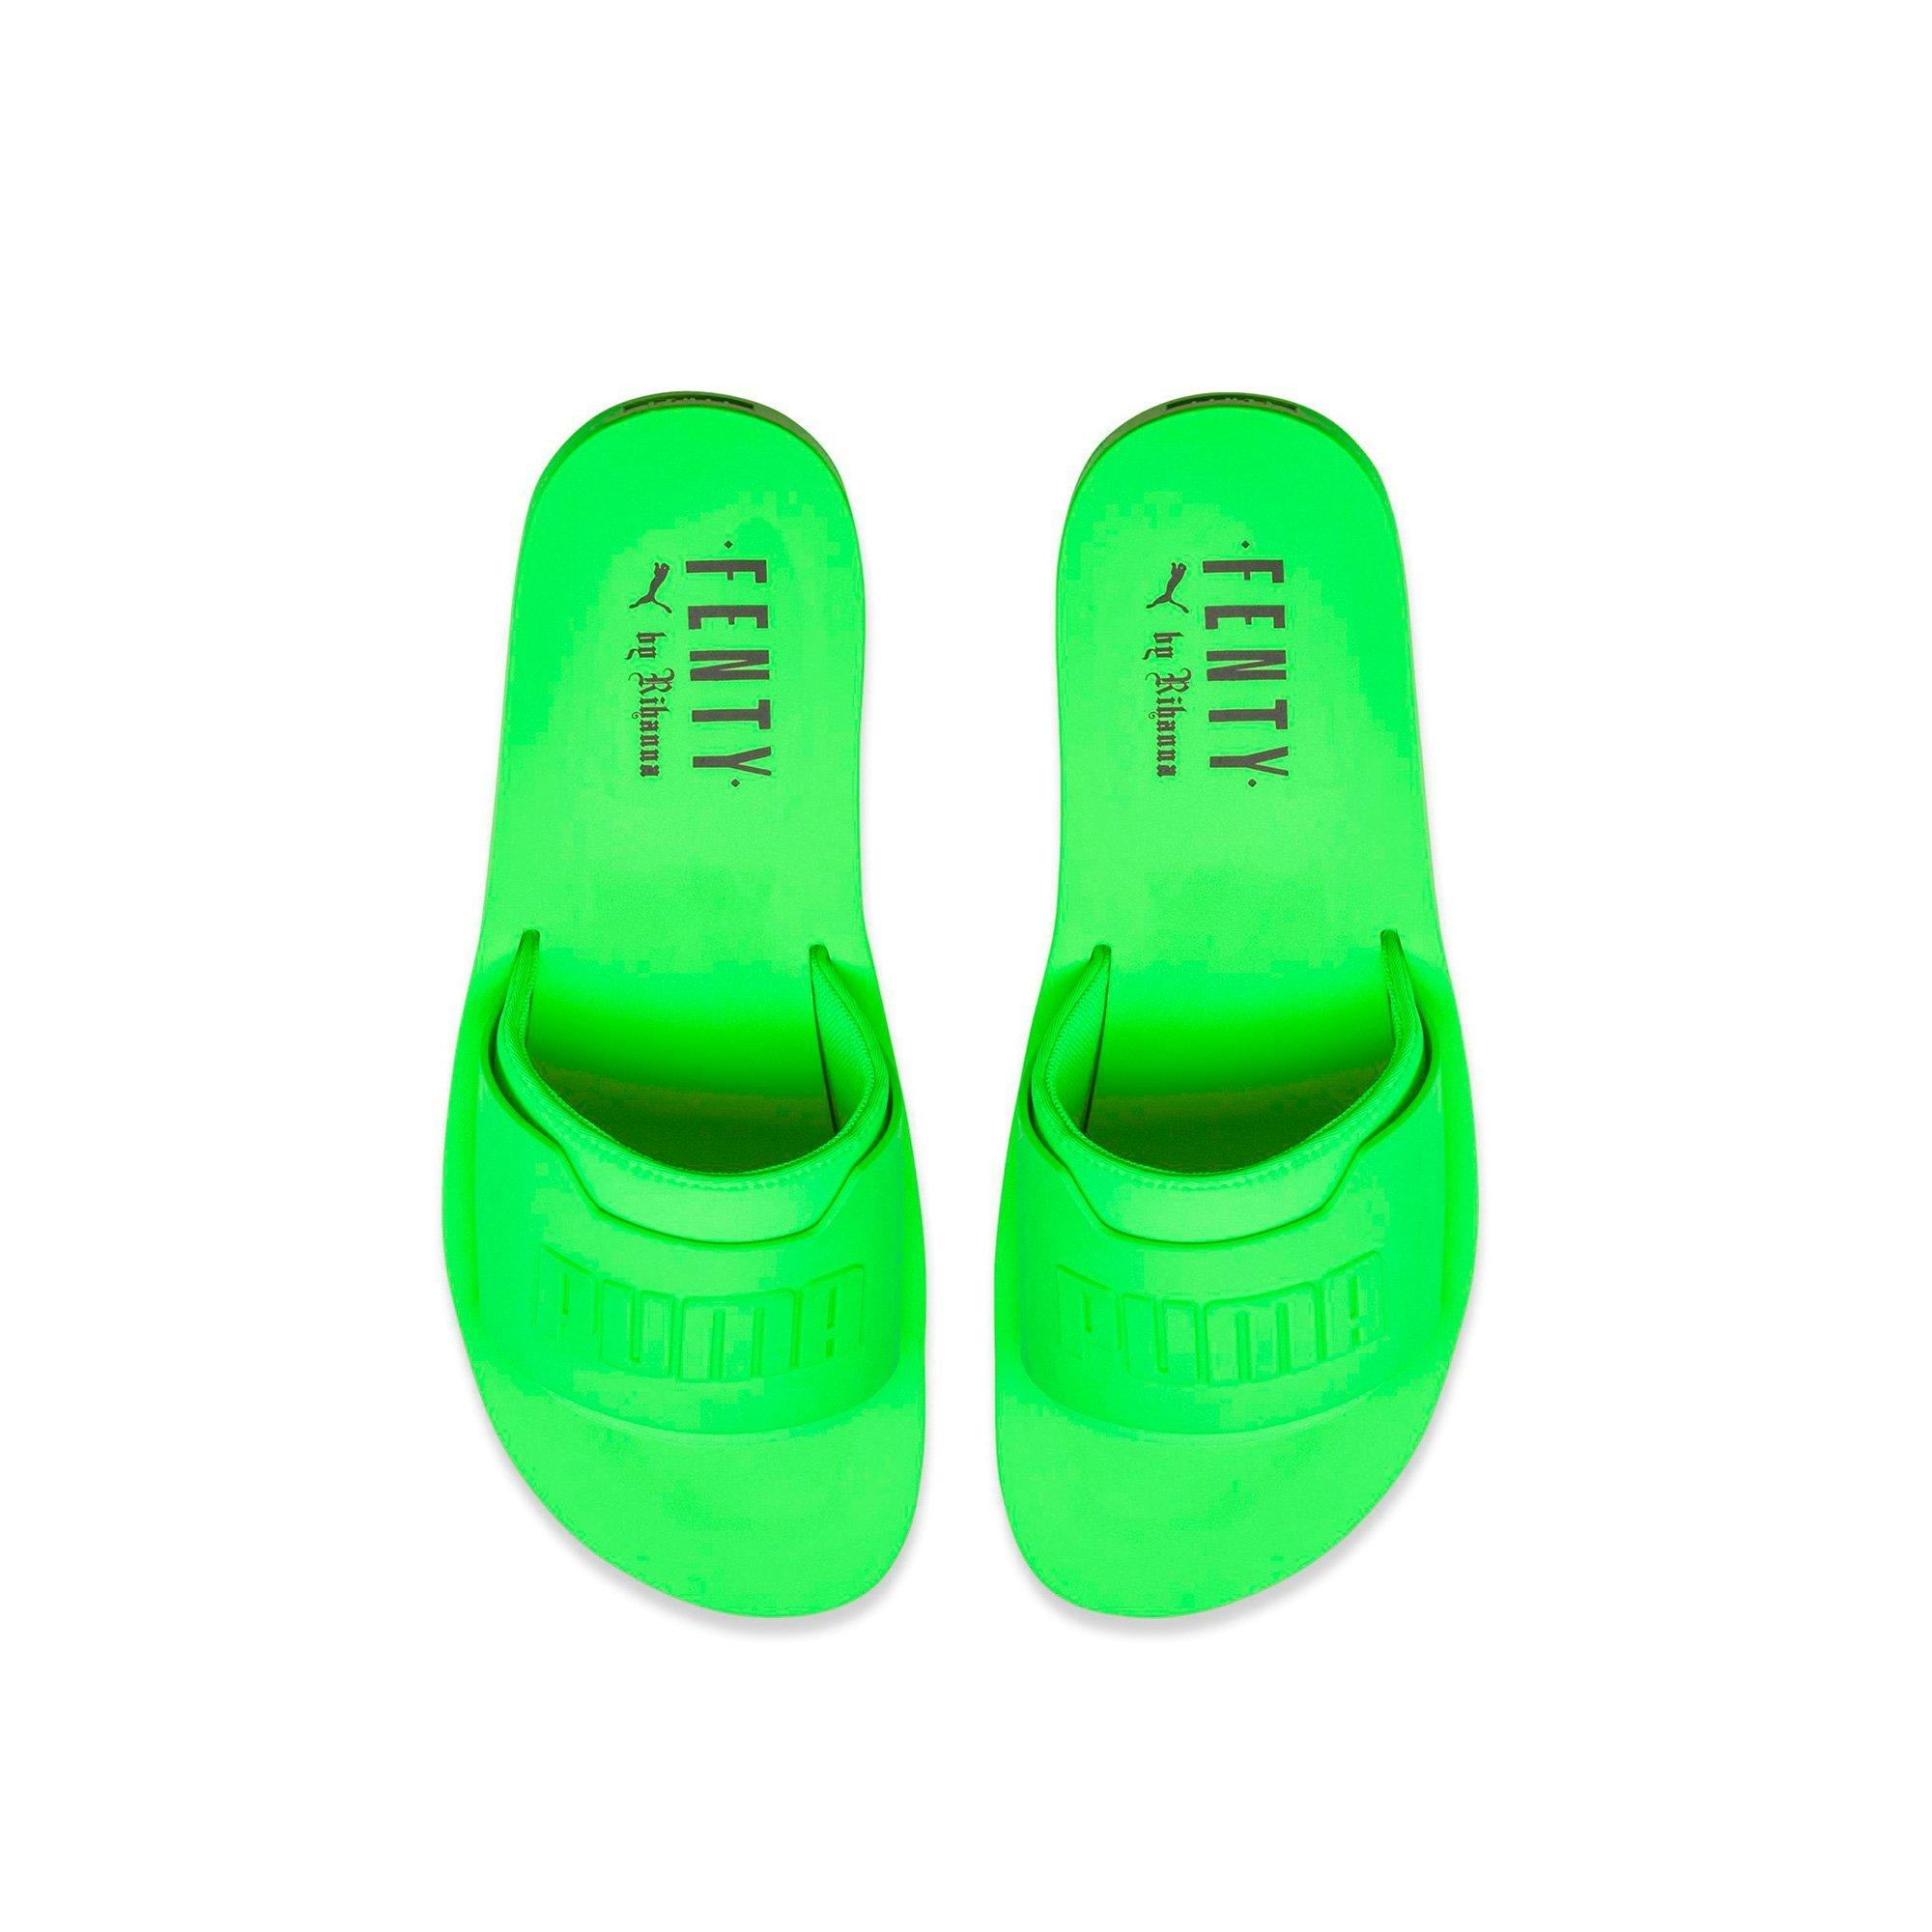 PUMA Womens Puma x Fenty By Rihanna Surf Slide Green Gecko 367747 04